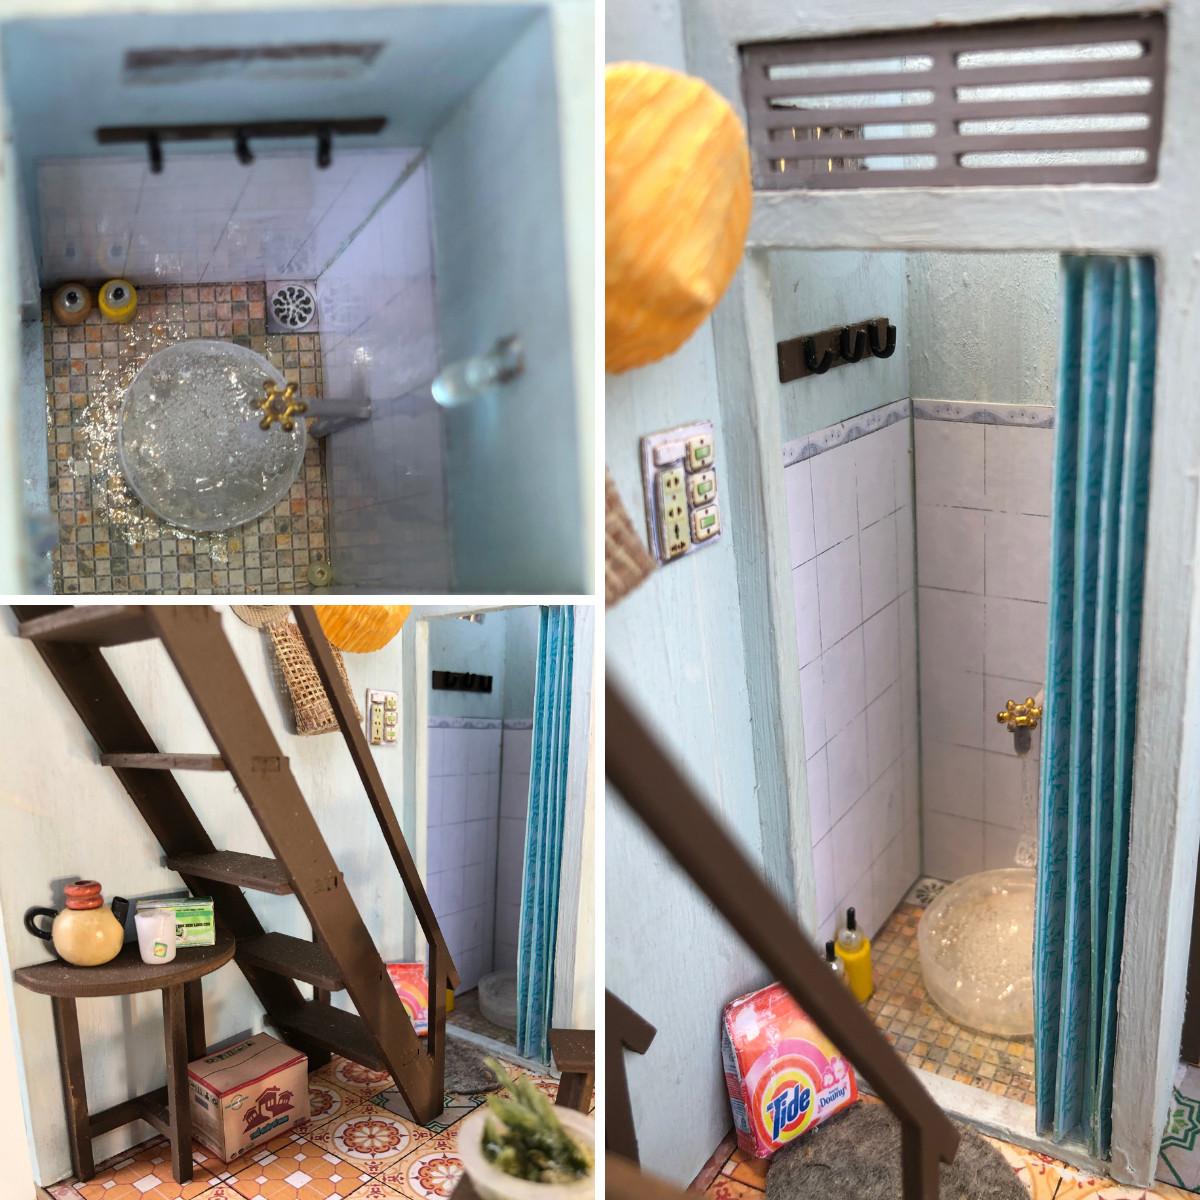 Mô Hình Thu Nhỏ Góc Bếp Ở Sài Gòn Xưa Bằng Gỗ - Bếp Của Mẹ - Mã SP: TX02